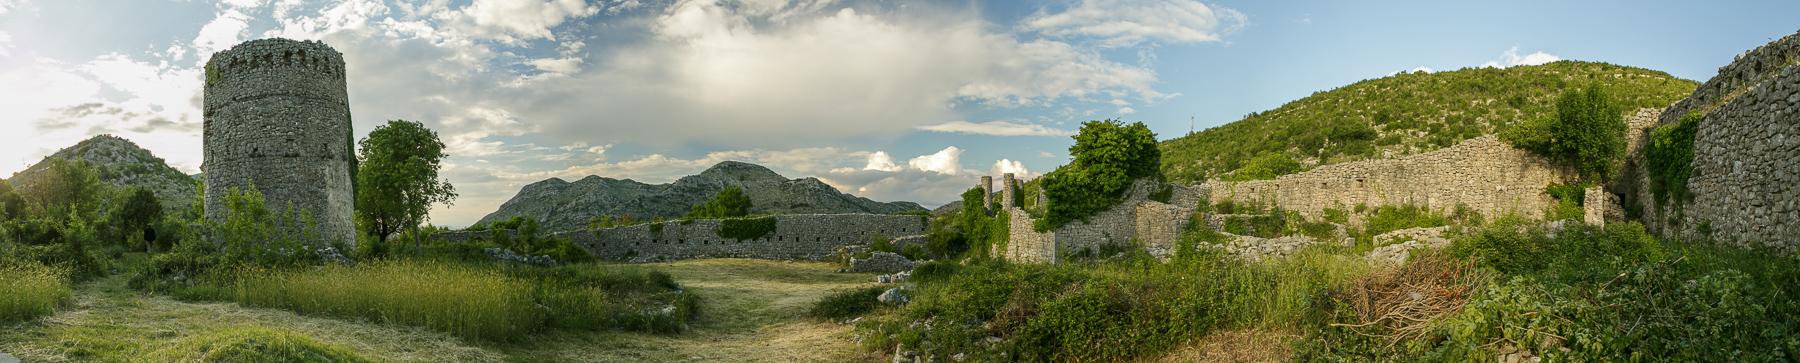 Hutovo, Ottoman fortress